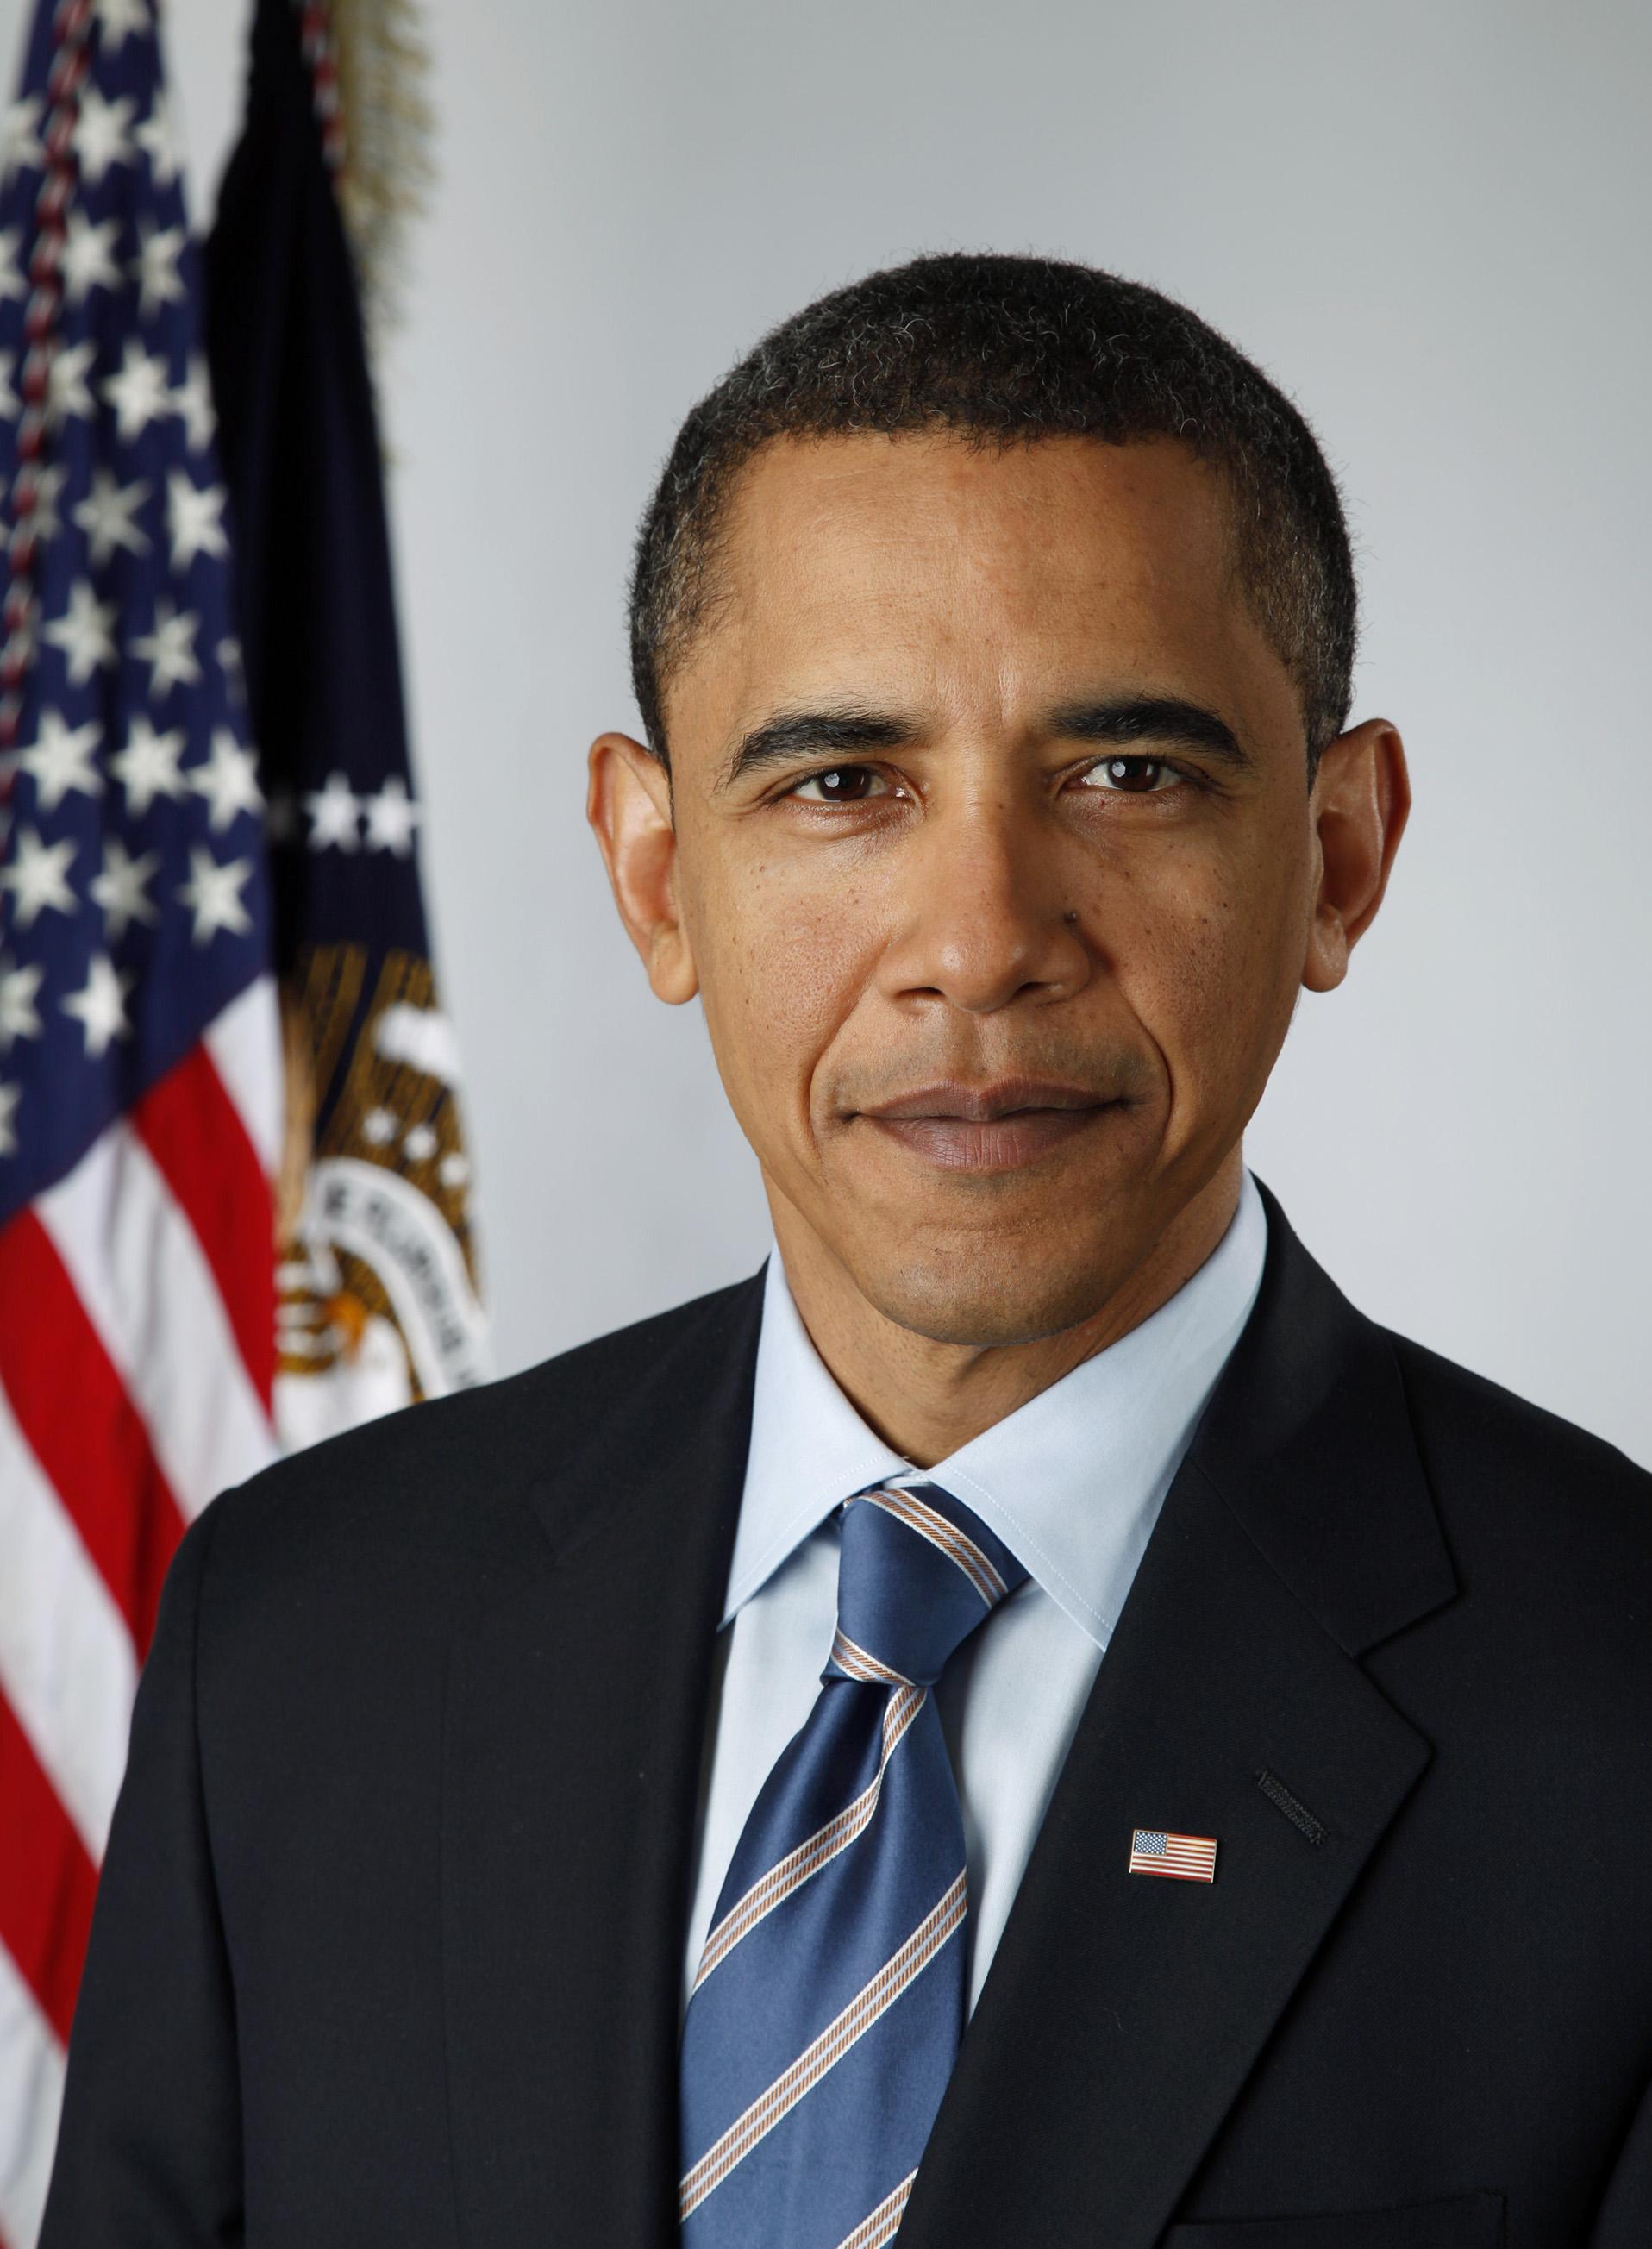 Official_portrait_of_Barack_Obama.jpg?width=350